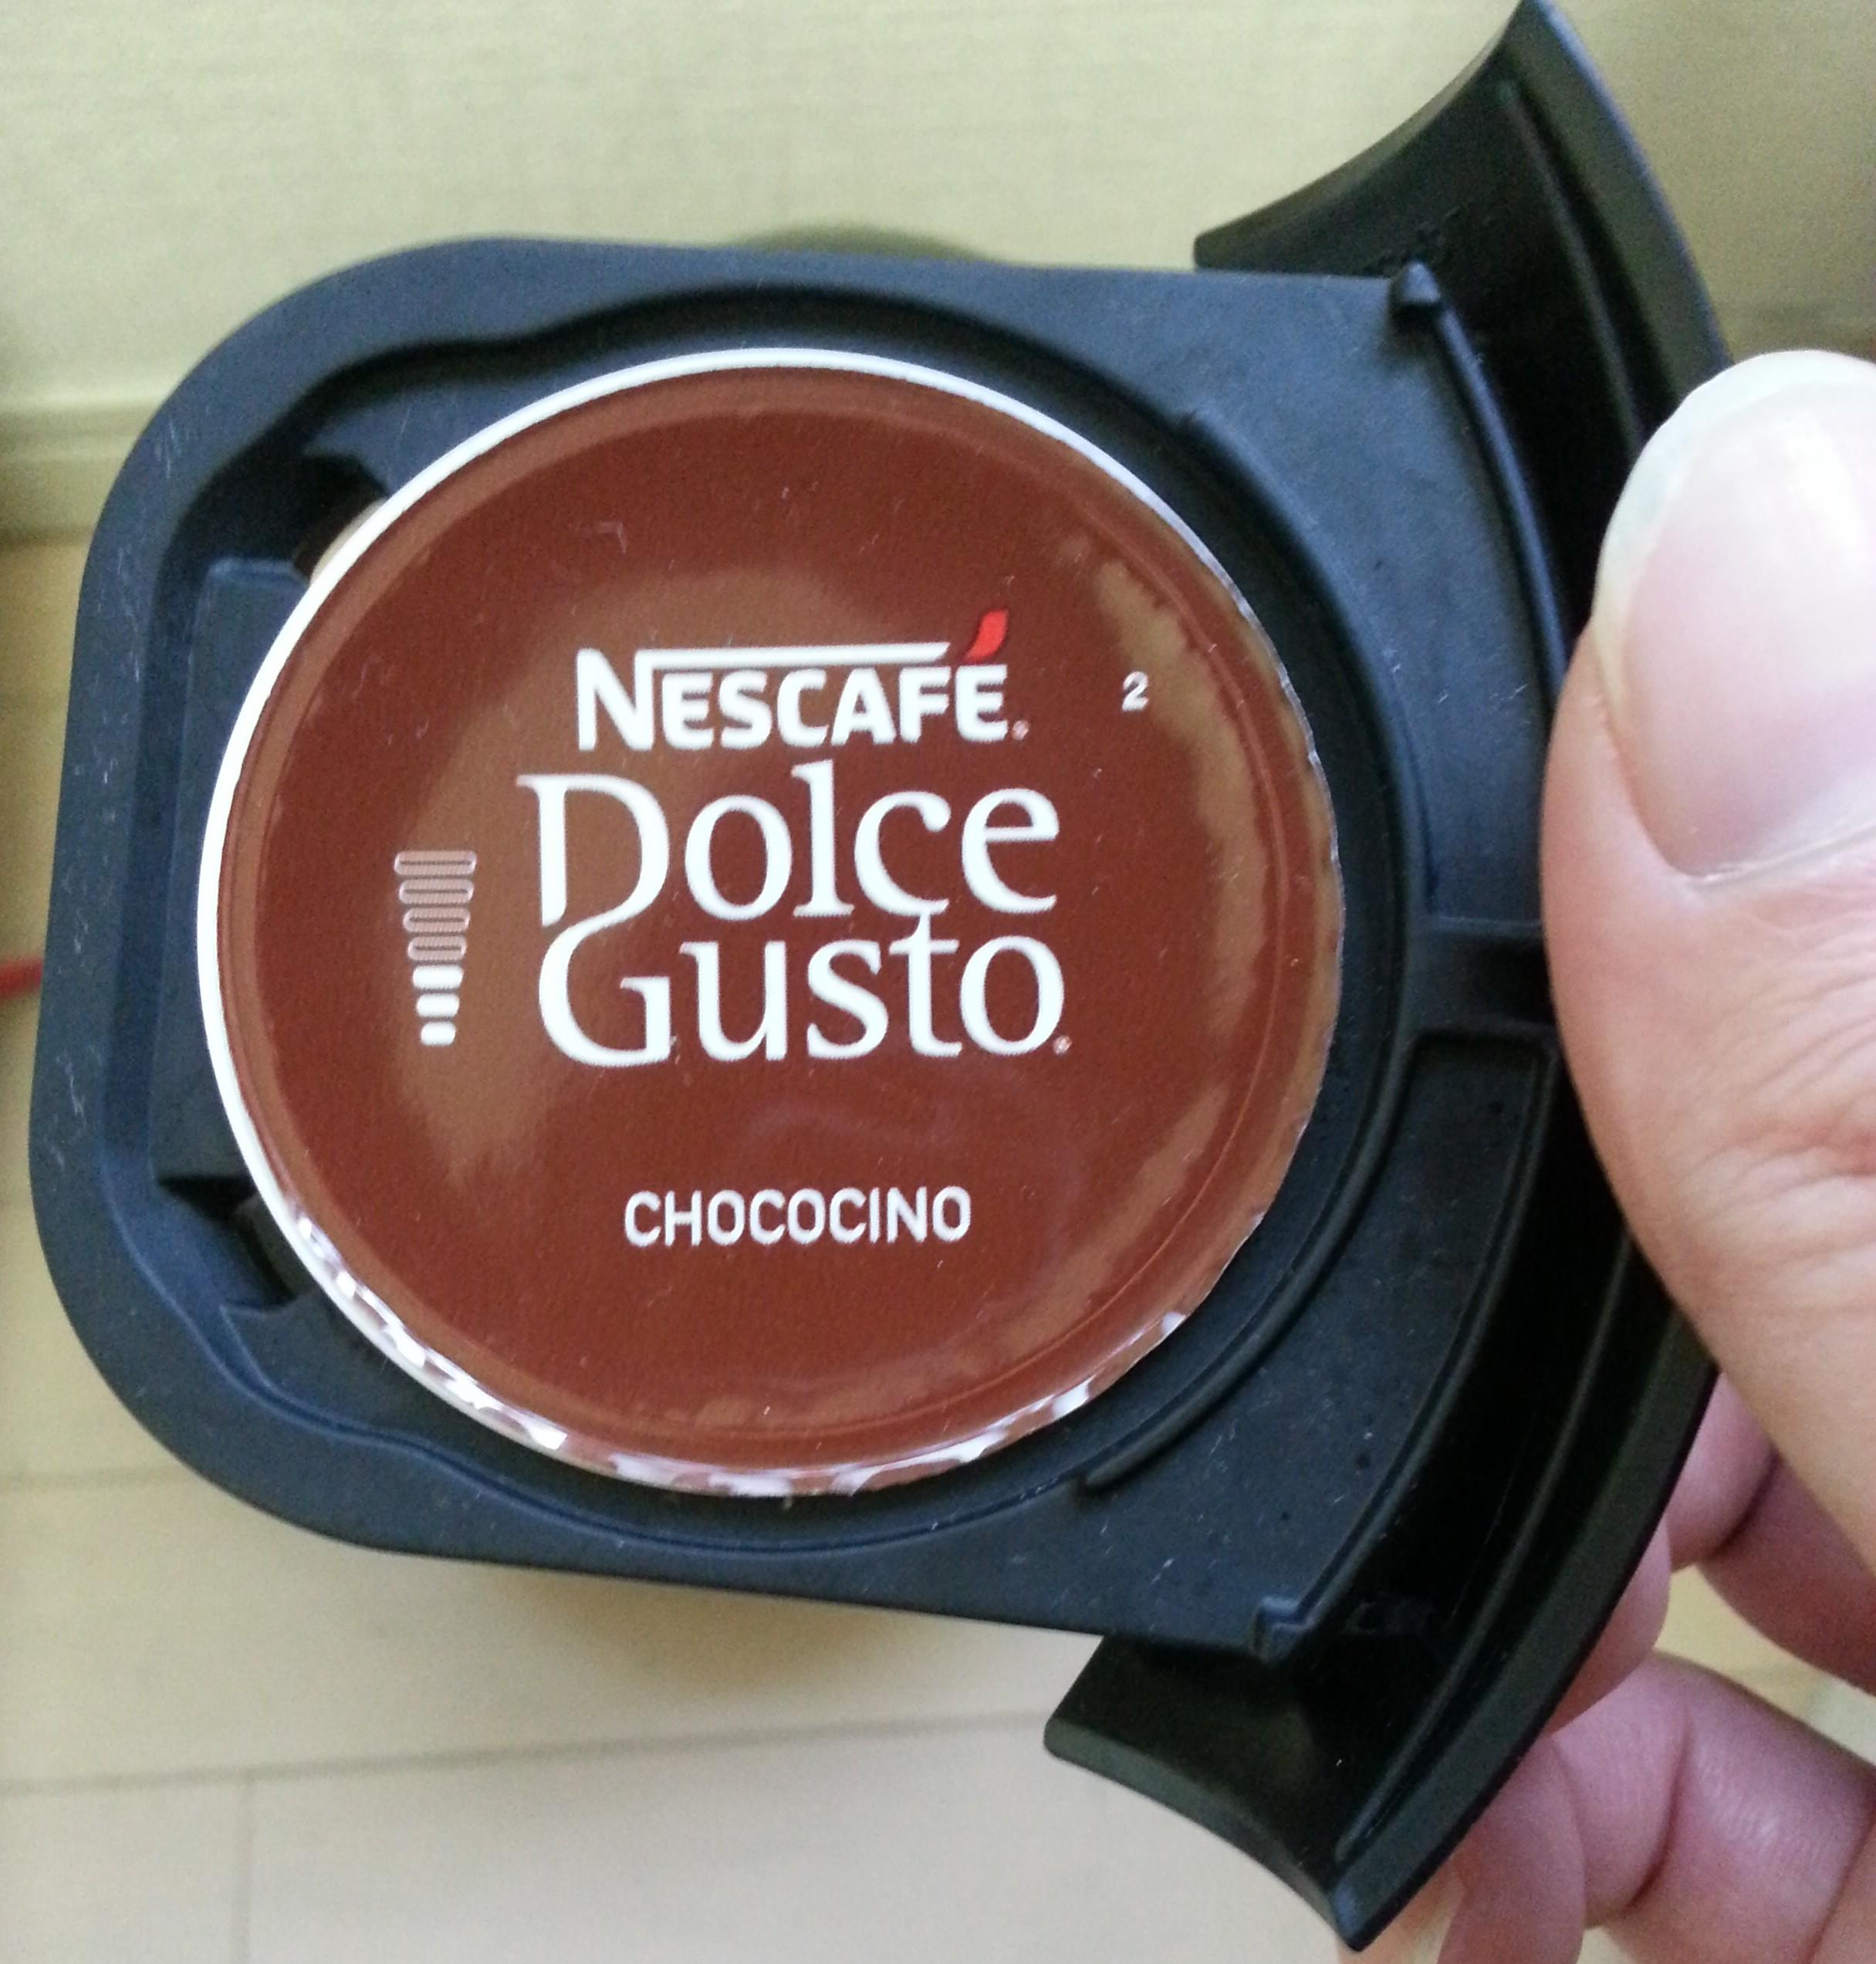 nescafe-dolcegusto-chococino6